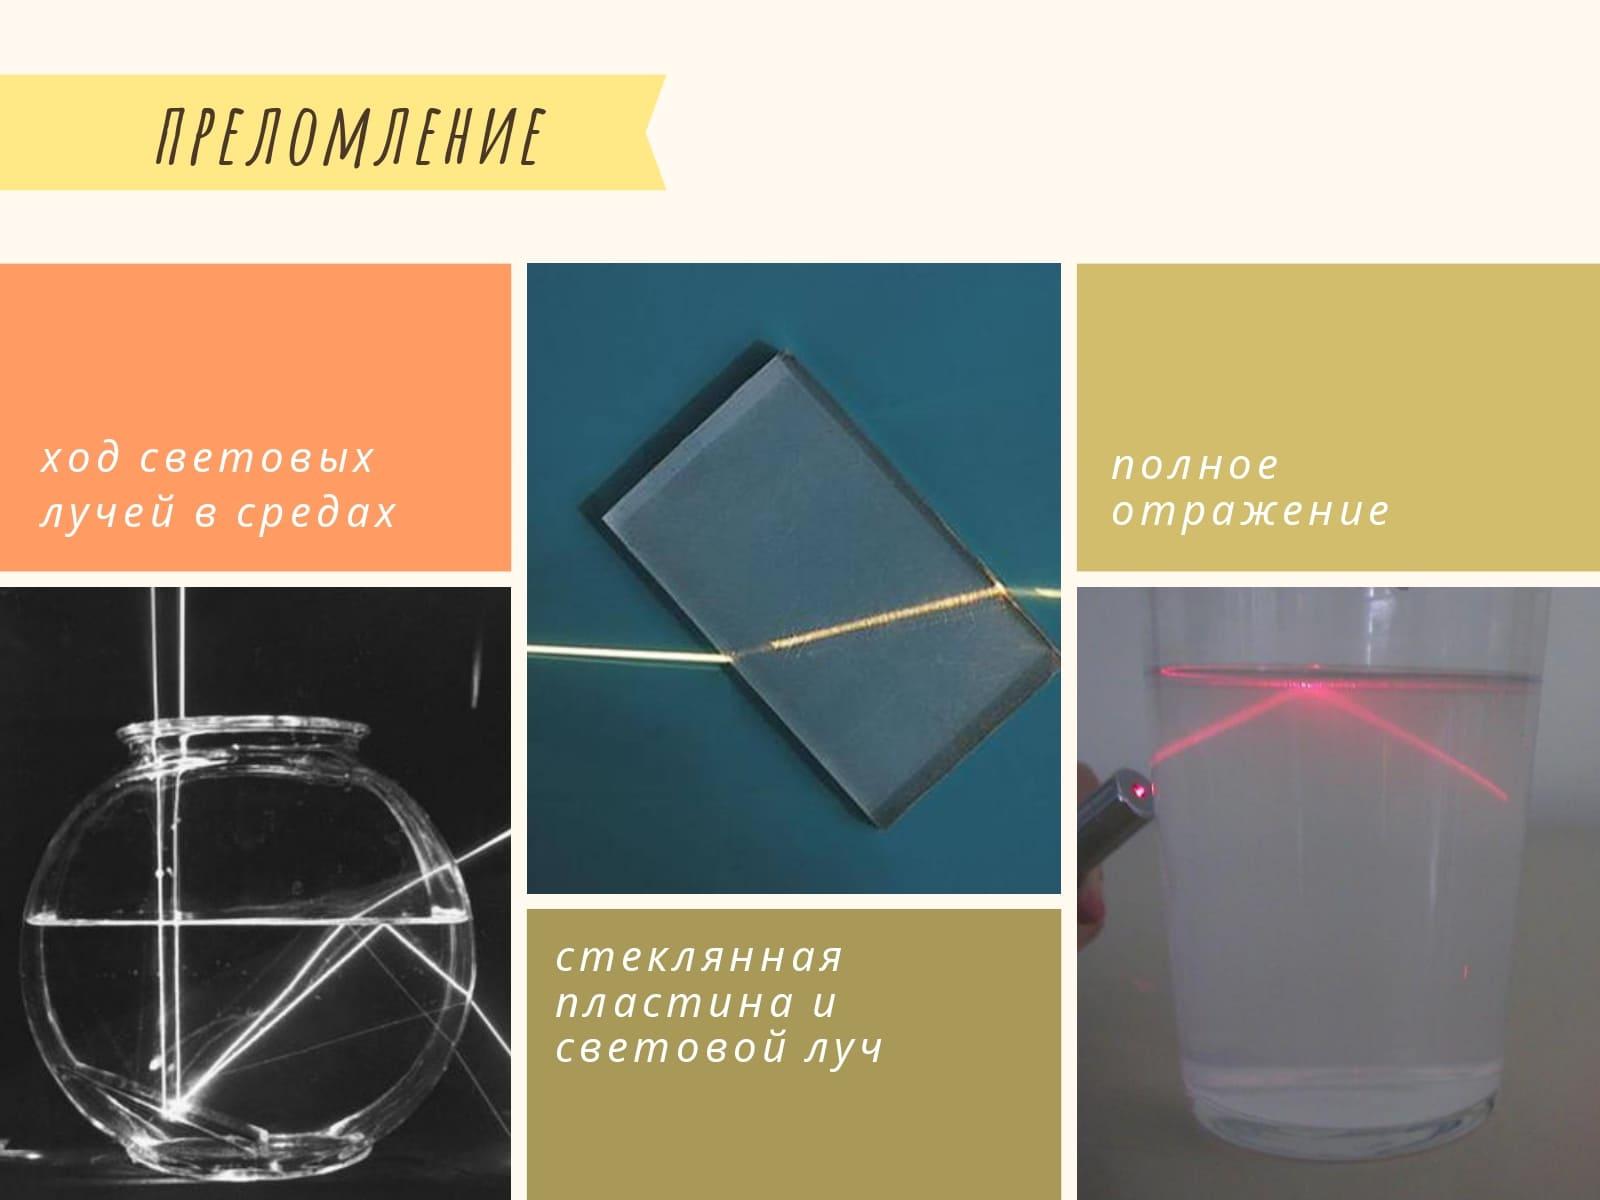 ход световых лучей в средах. стеклянная пластина и световой луч. полное отражение